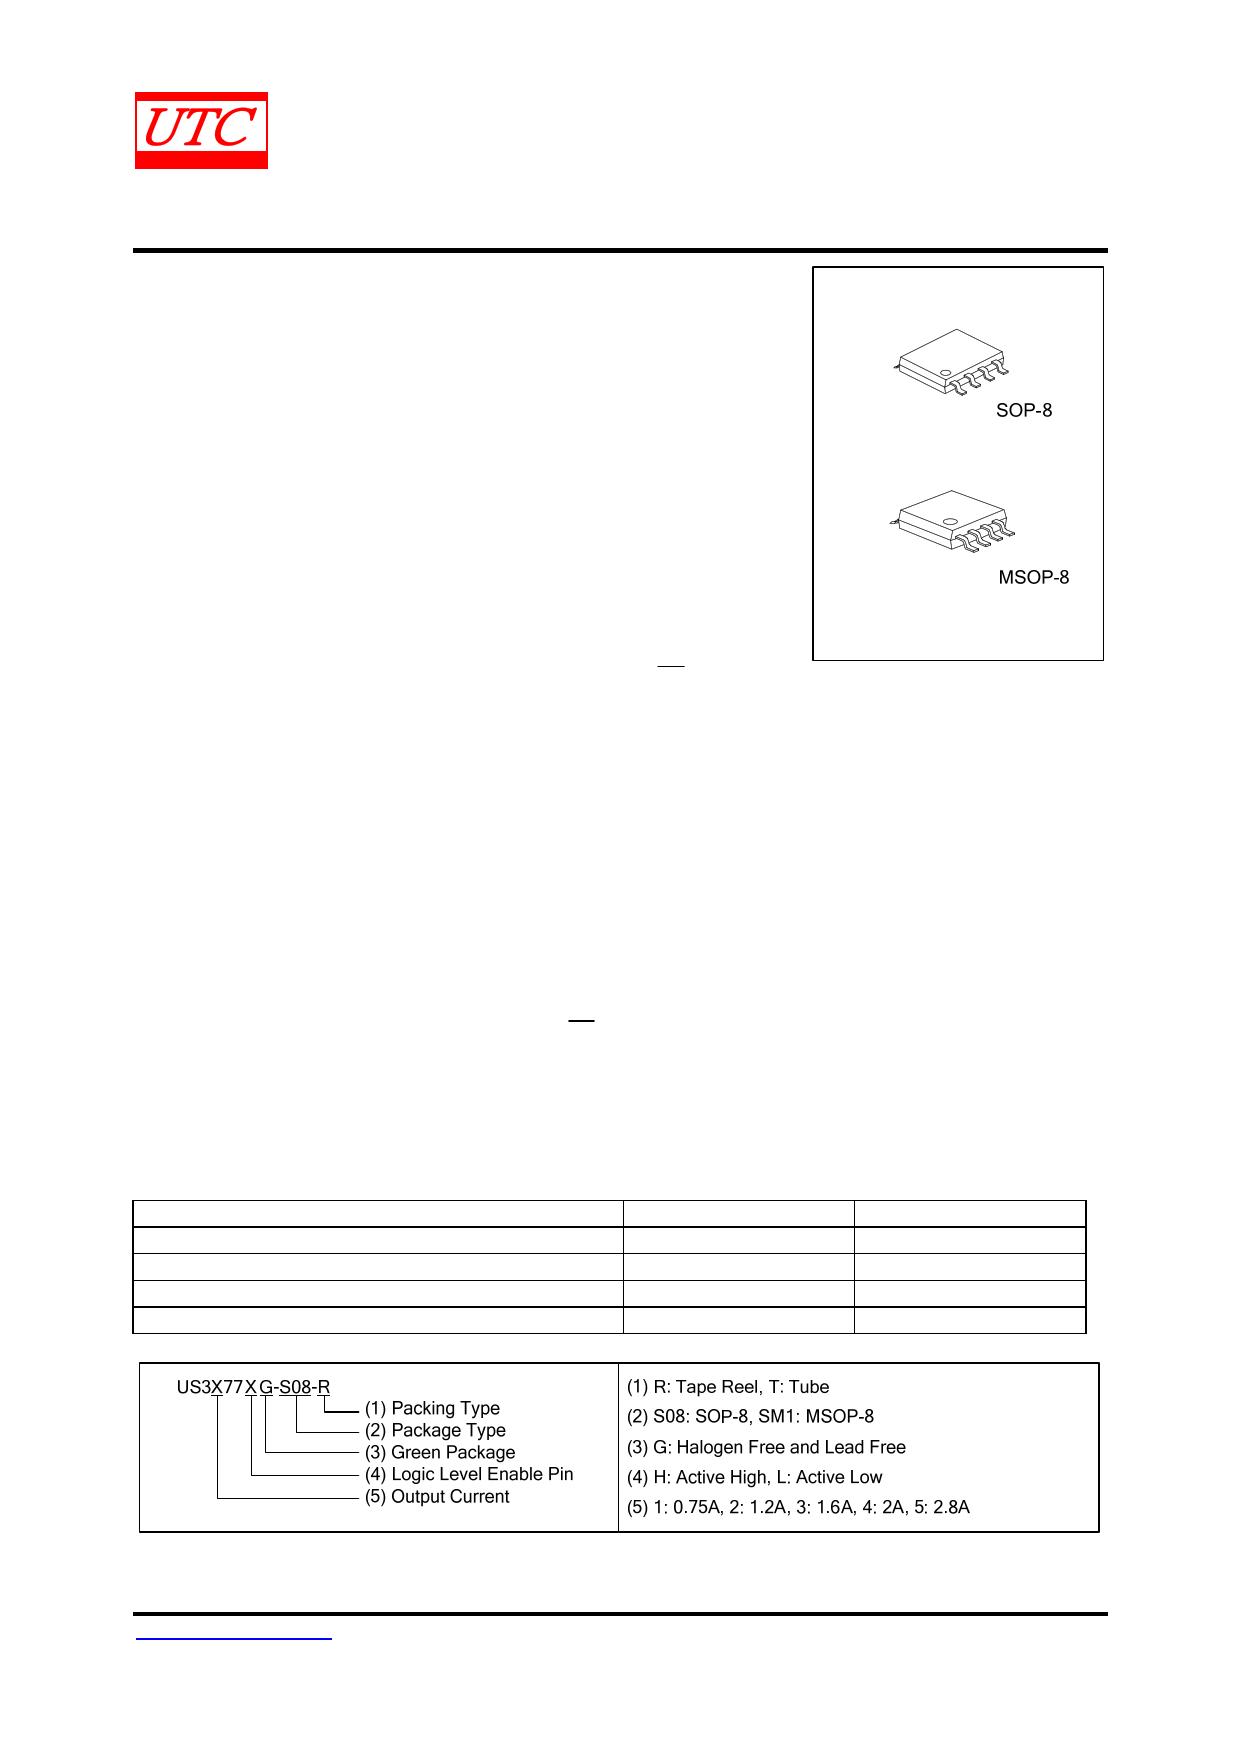 US3377 datasheet